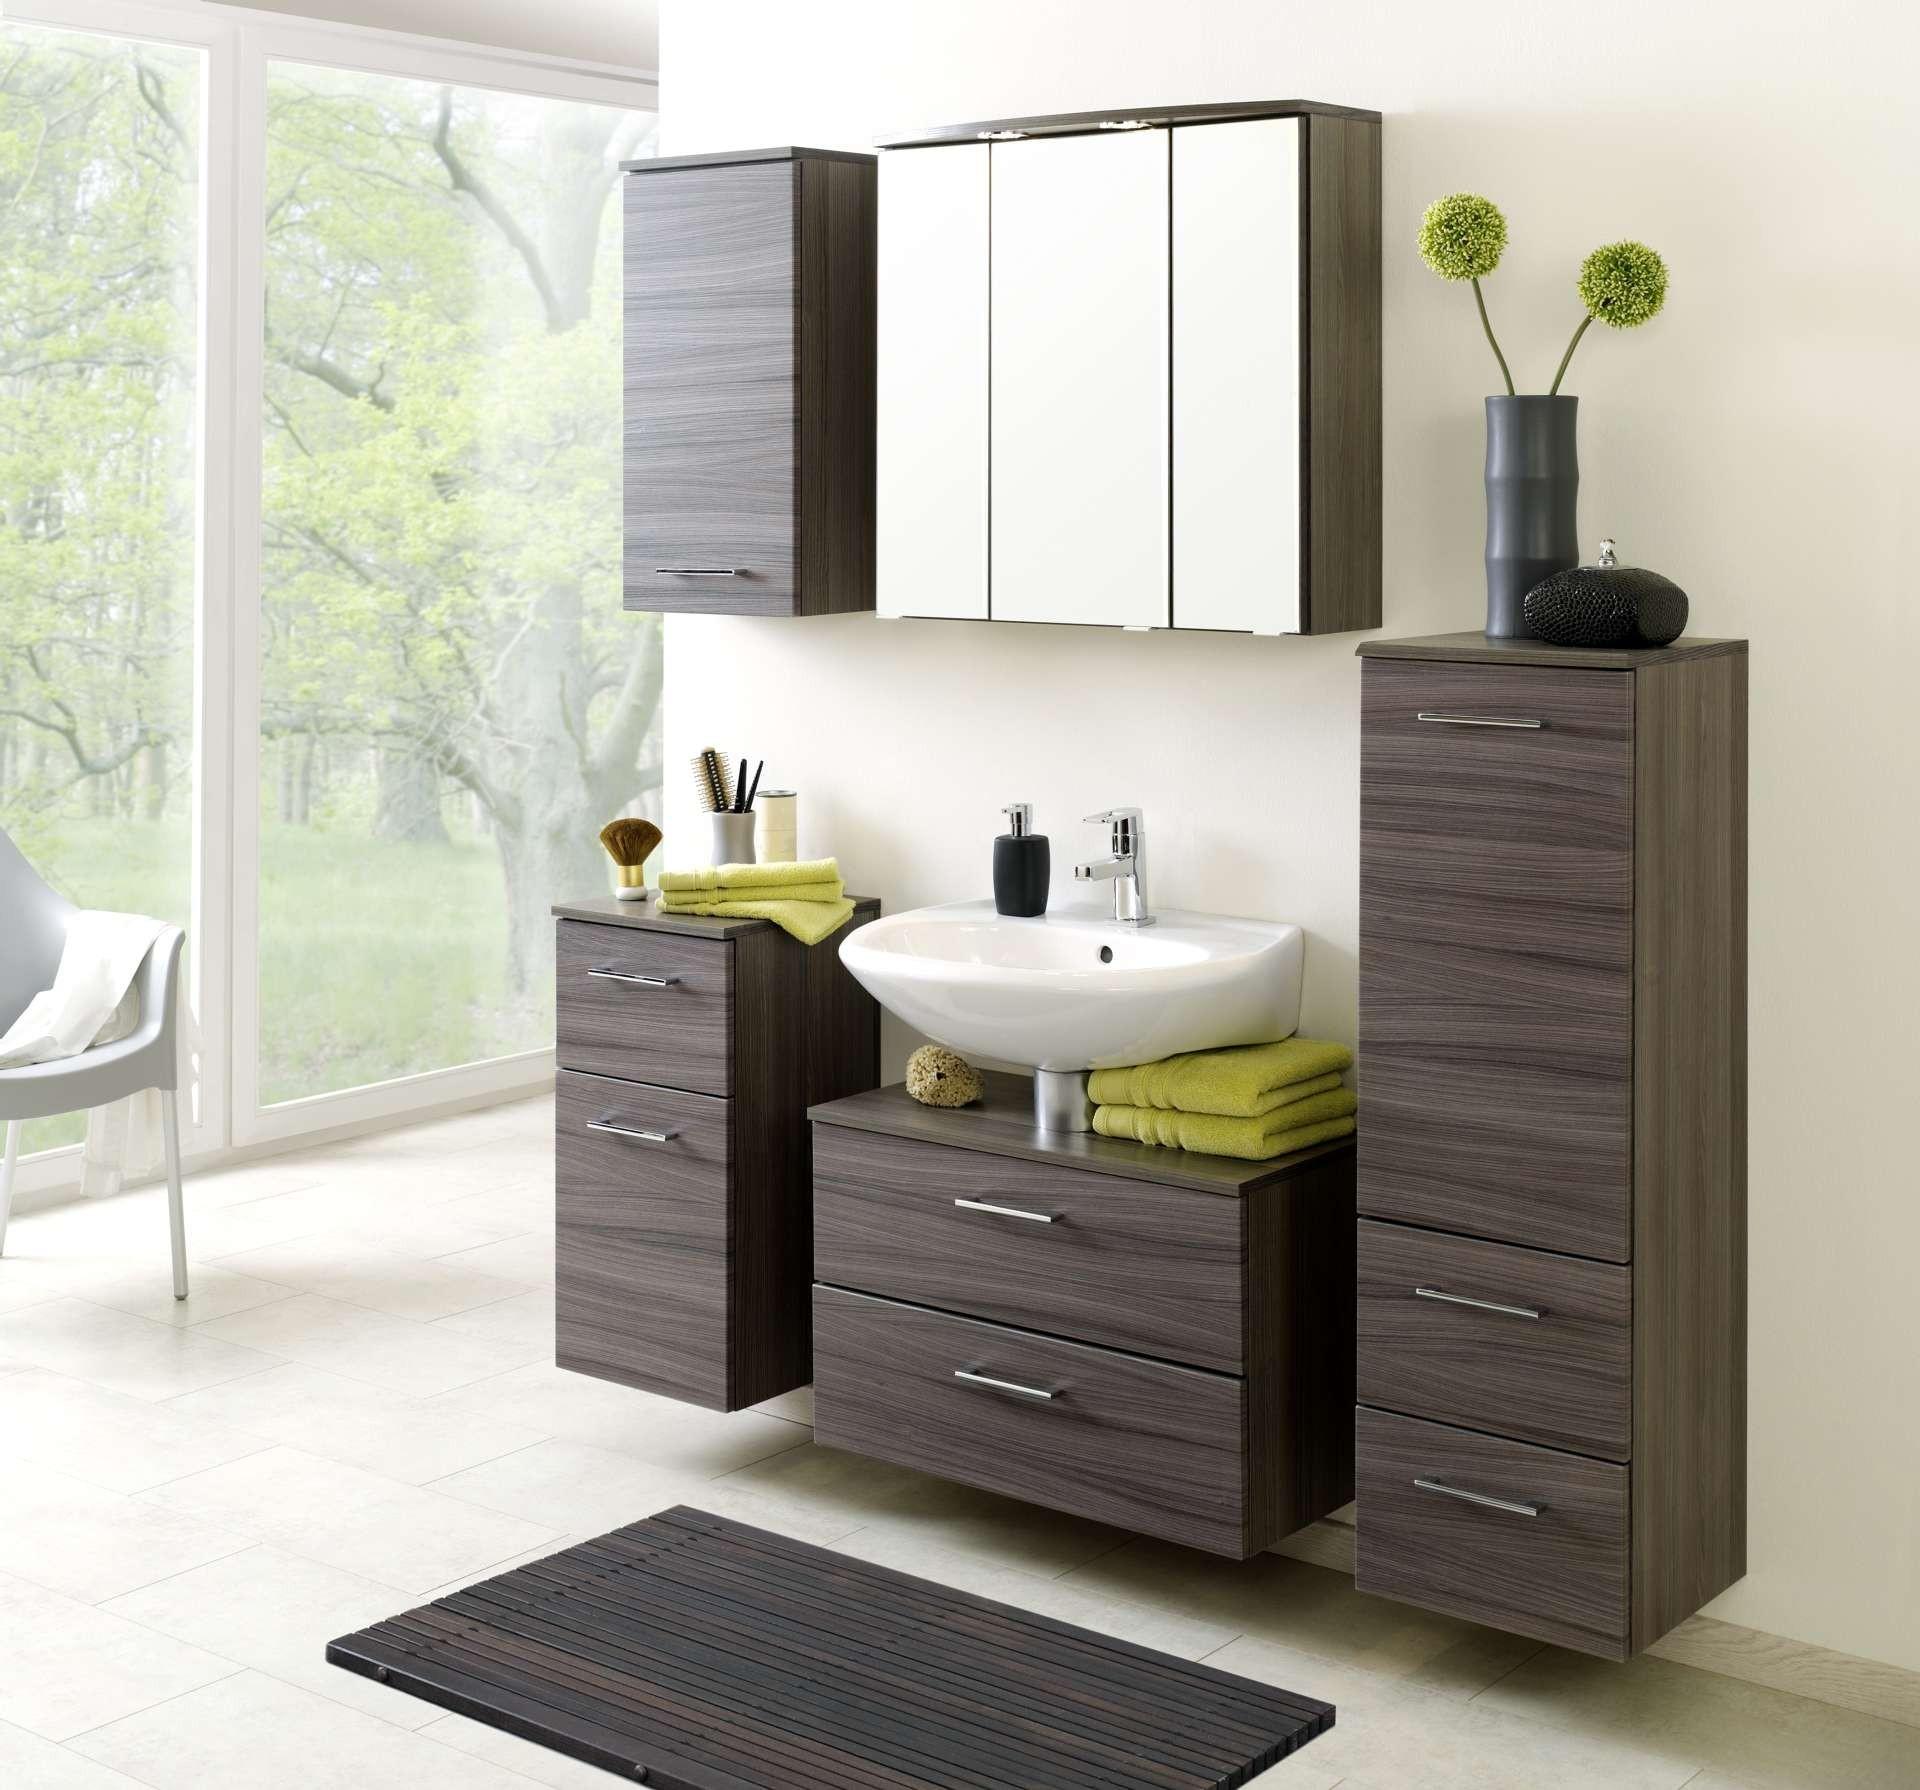 bad unterschrank marinello 1 t rig 1 schublade 35 cm breit eiche dunkel mit. Black Bedroom Furniture Sets. Home Design Ideas